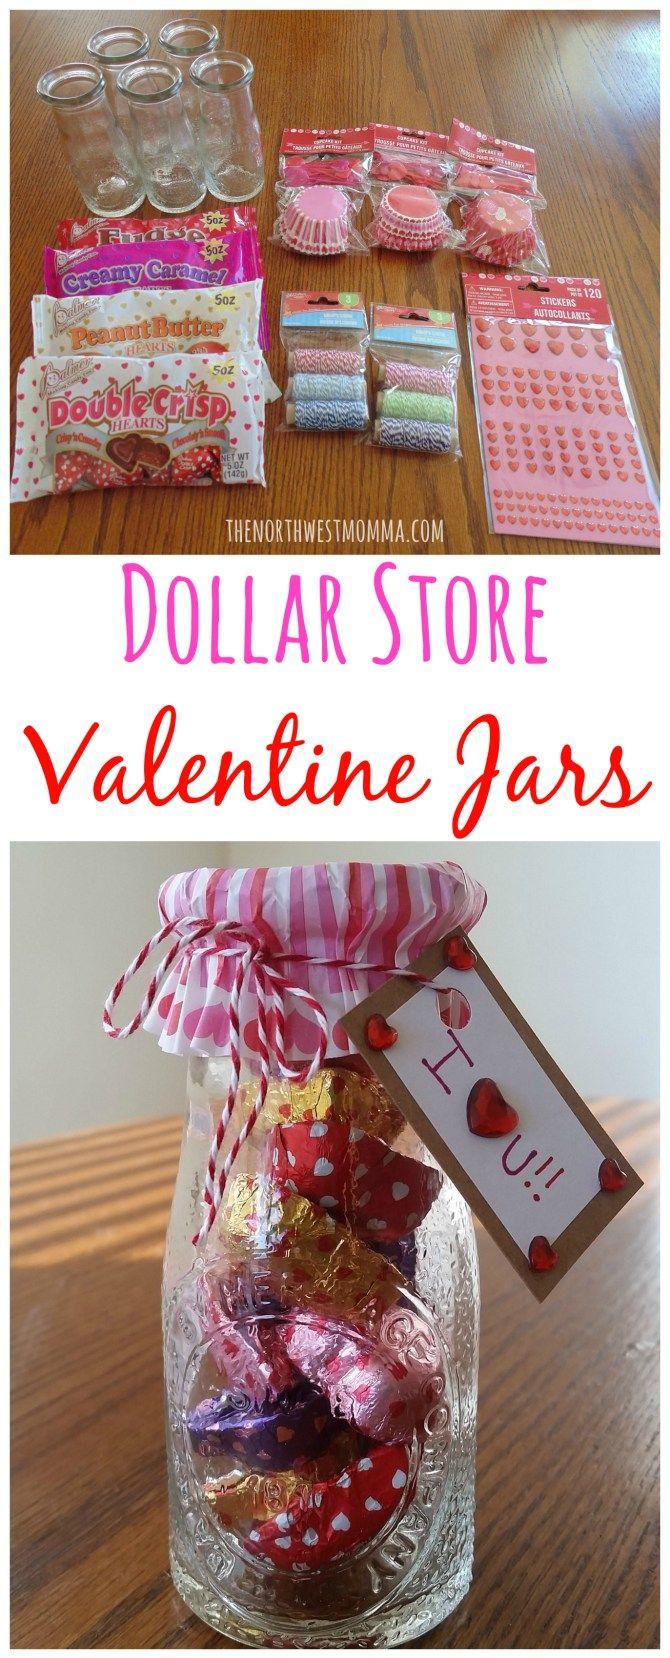 Best 25+ Valentine ideas ideas on Pinterest | Valentines, Kids ...